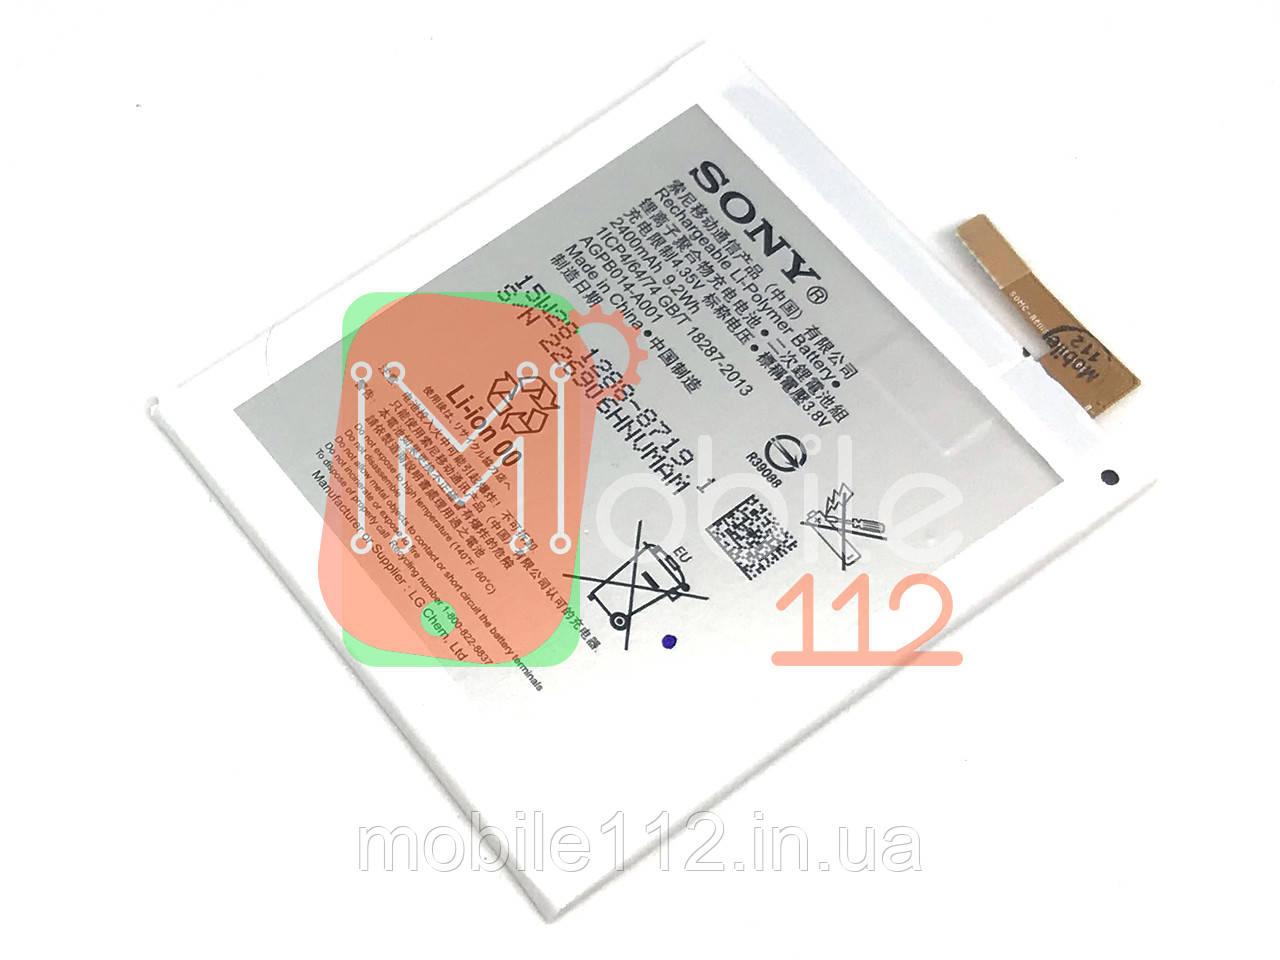 Аккумулятор (АКБ, Батарея) Sony AGPB014-A001 LIS1576ERPC E2303 Xperia M4 Aqua E2306 E2312 E2333 E2353 E2363